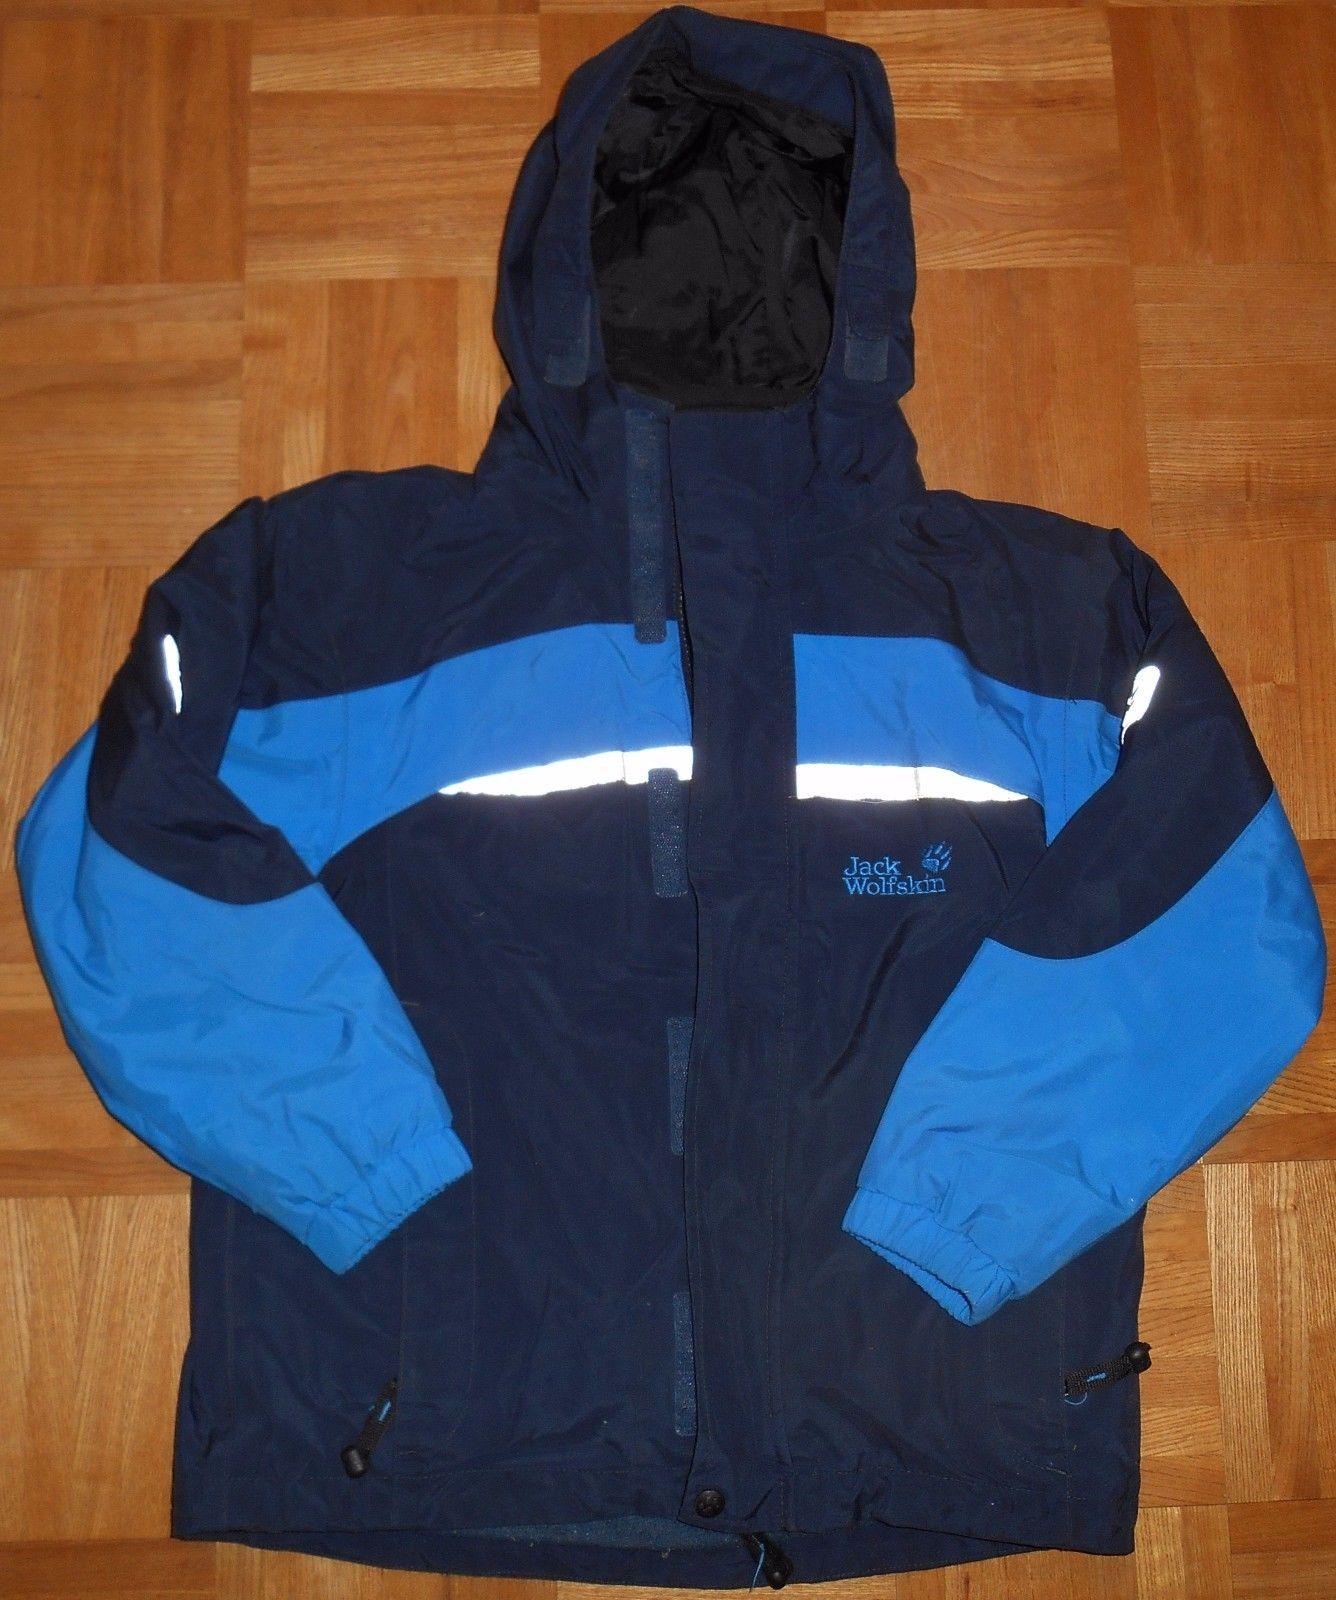 *** Jack Wolfskin Winterjacke, Jacke,  3in1, blau, warm, Jungen, 128